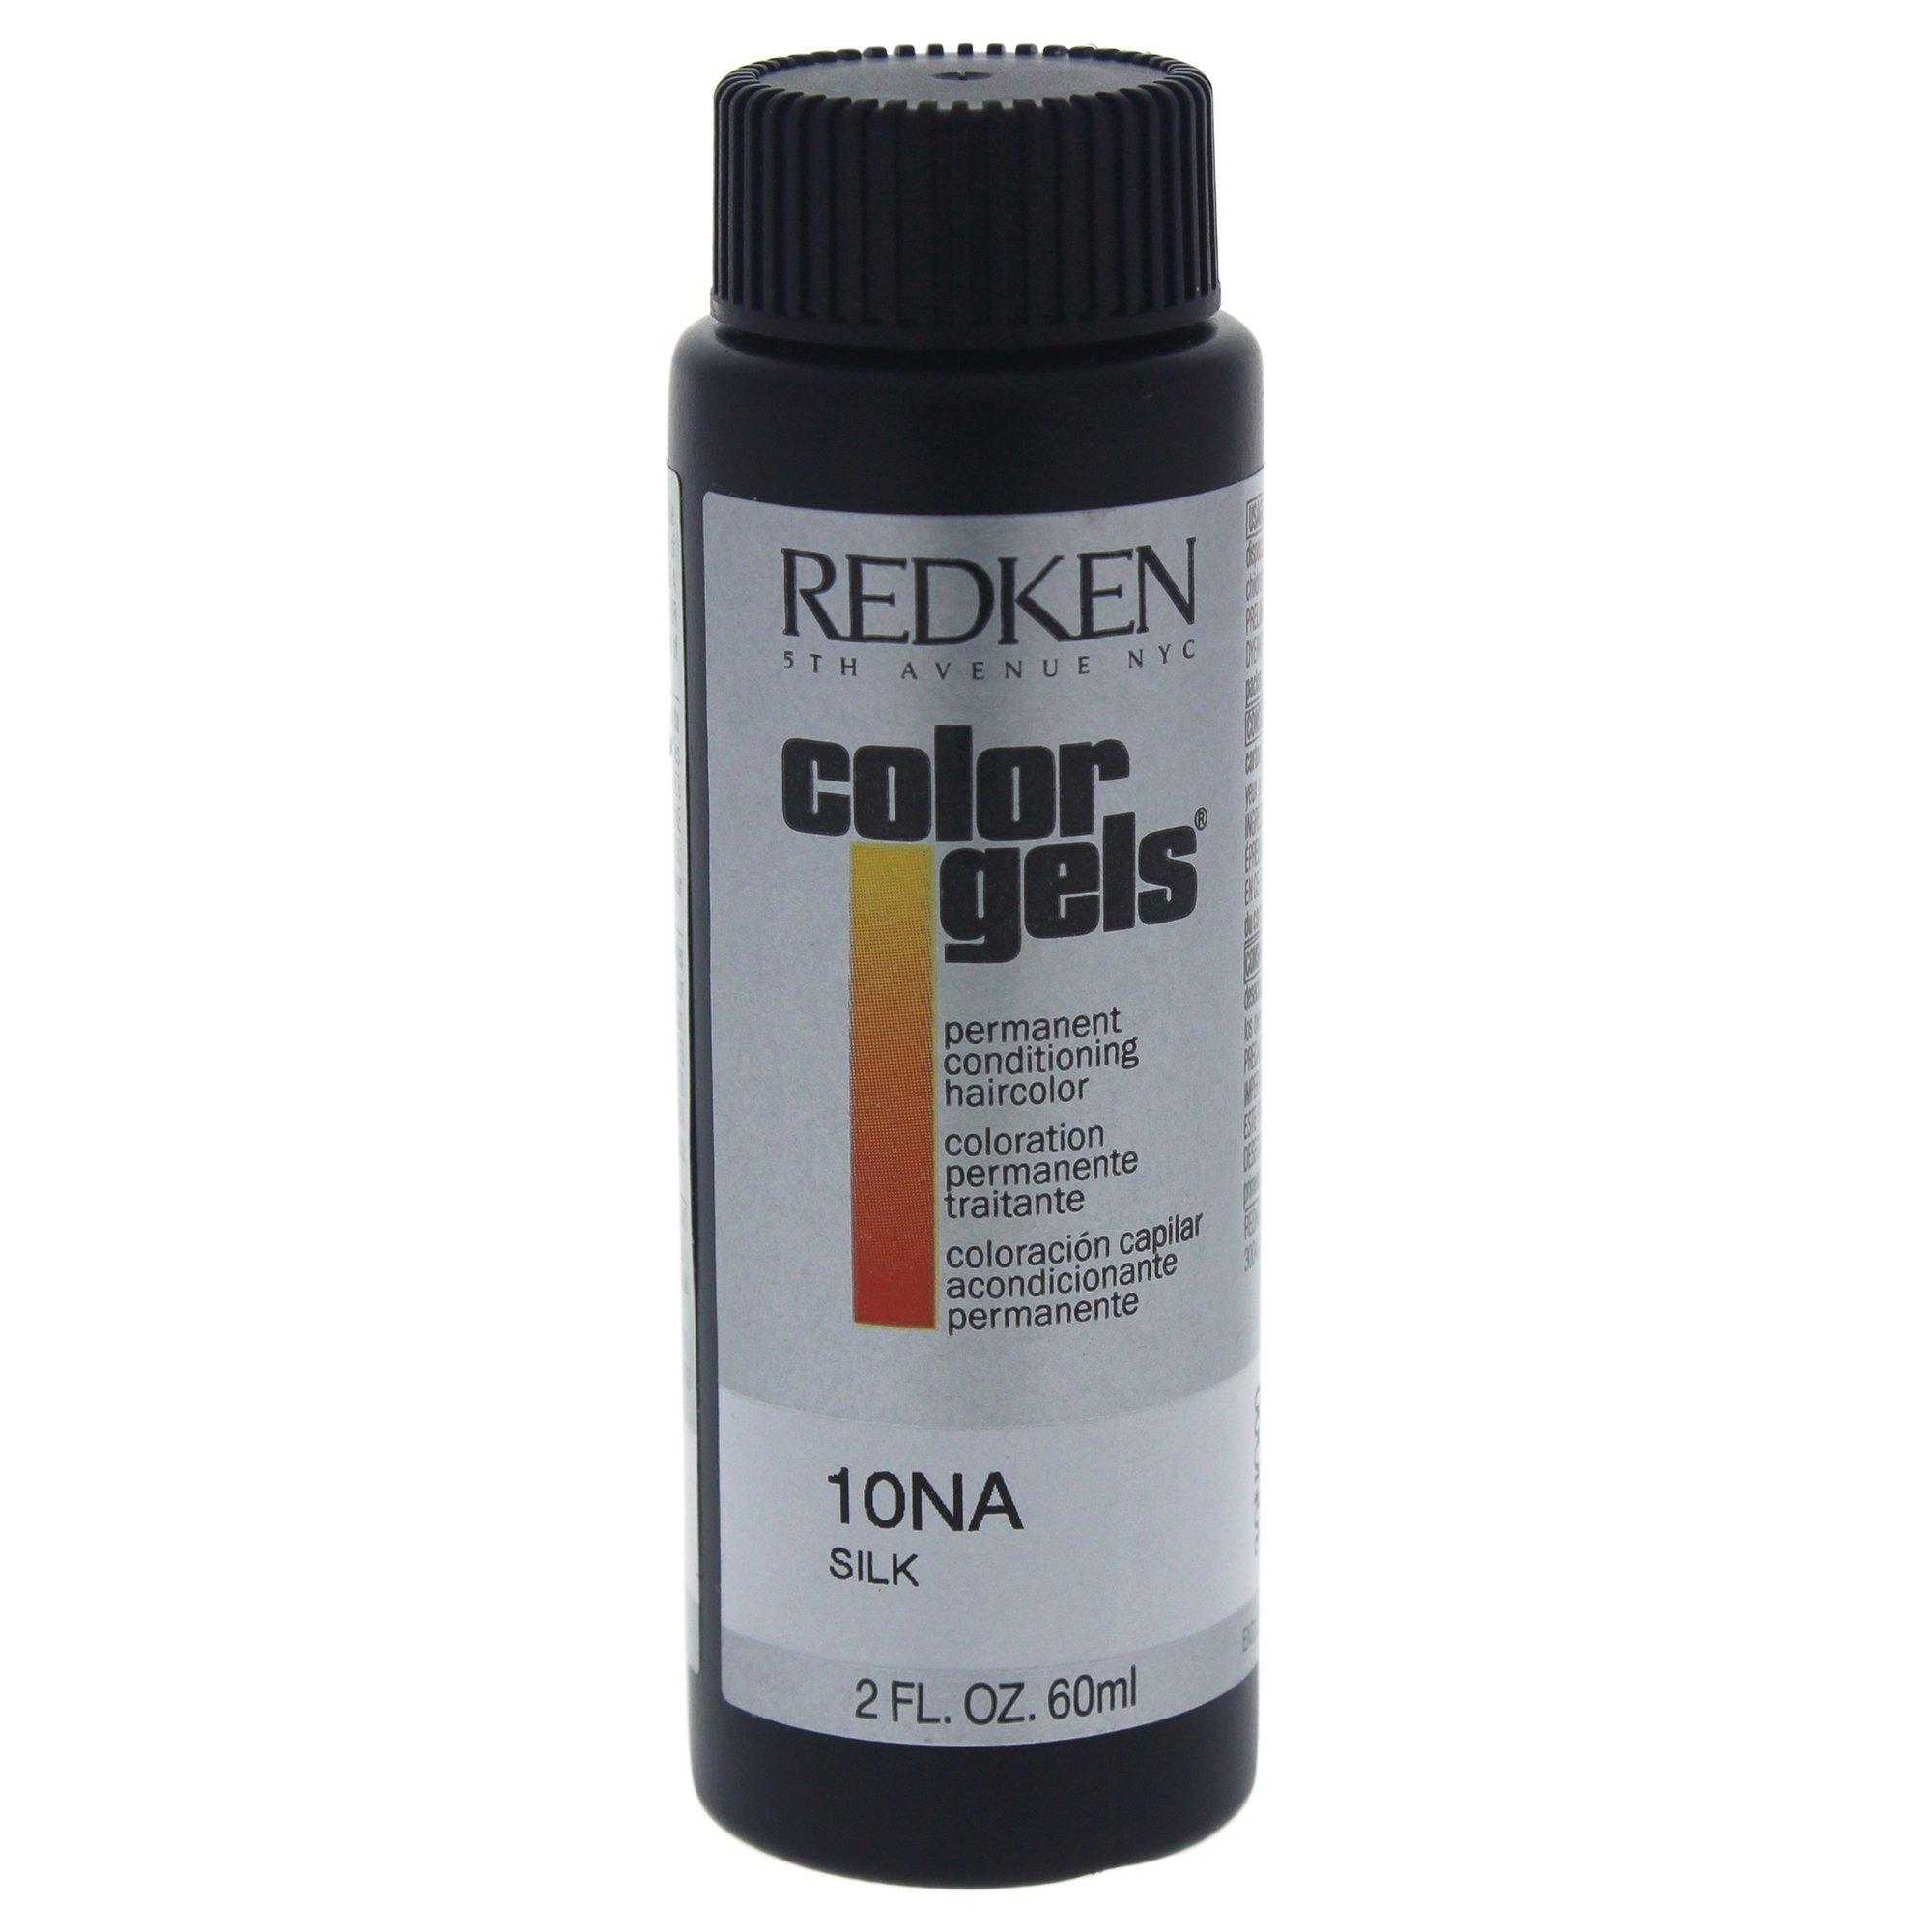 Cheap Redken Color Gels Find Redken Color Gels Deals On Line At